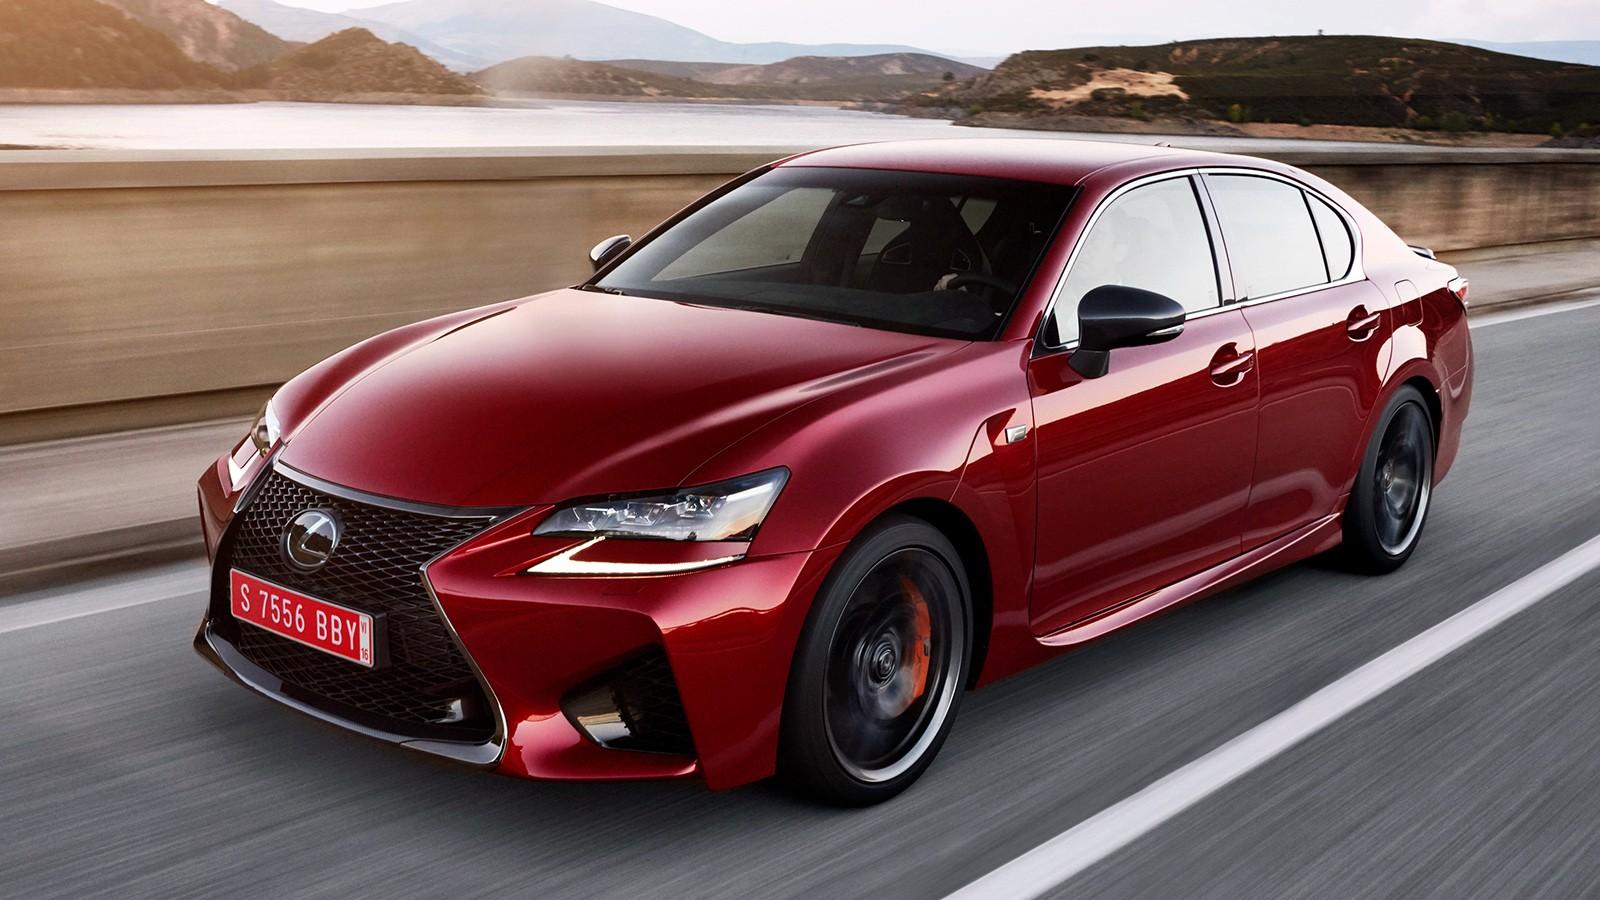 На фото: Lexus GS F — единственная модификация GS, которую можно купить в РФ. Цена на 477-сильный седан начинается от 6 445 000 рублей